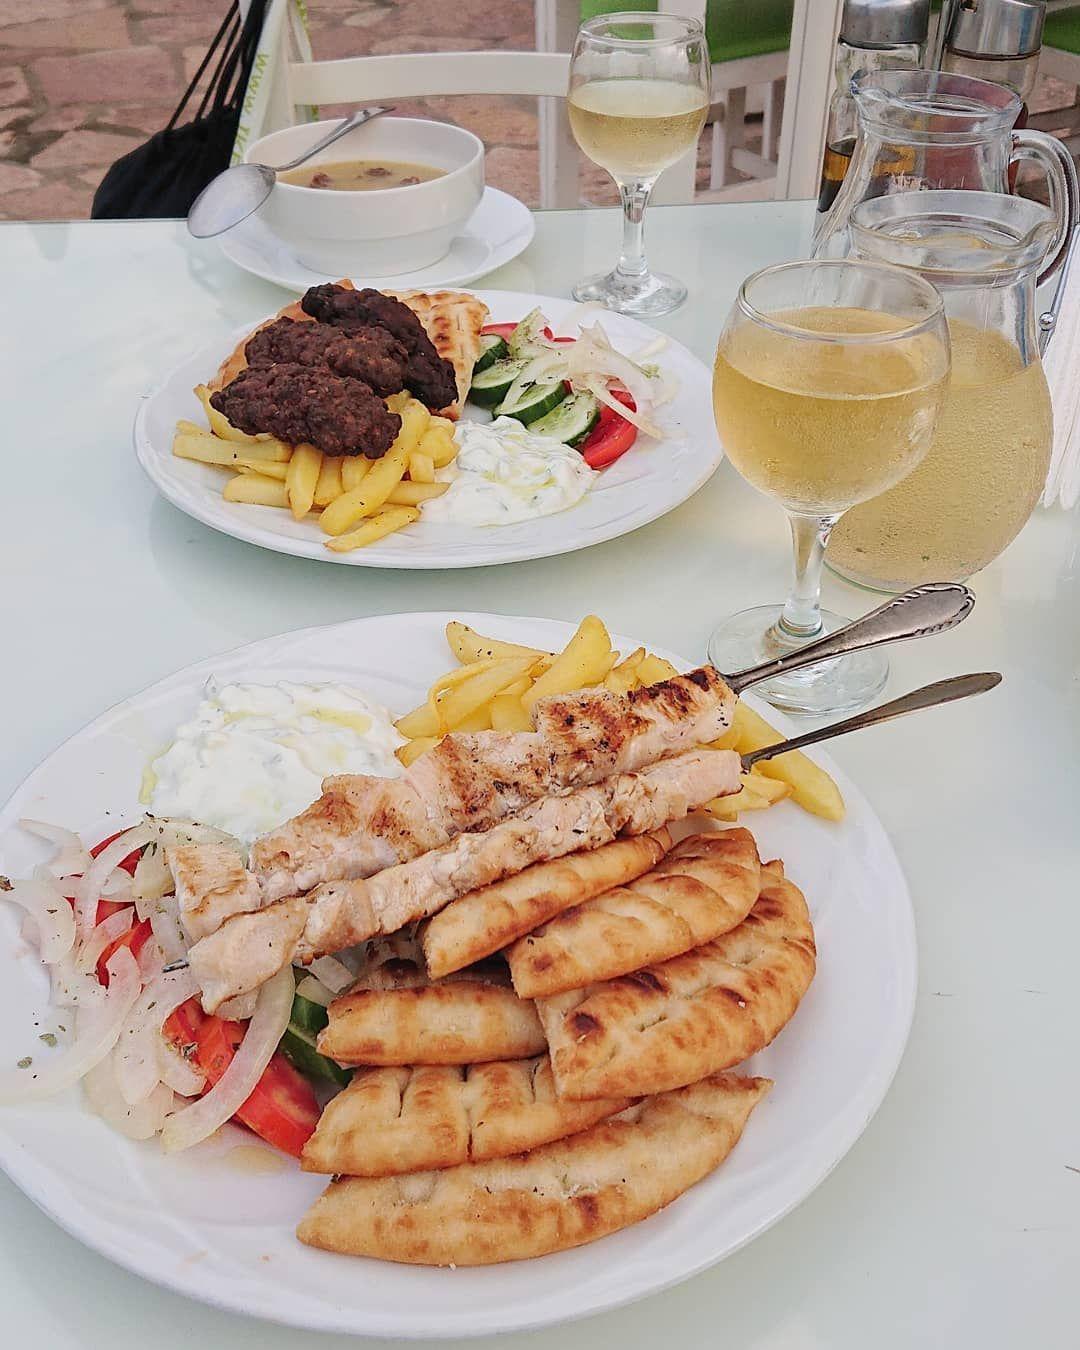 Jedzenie w Albanii 🇦🇱 jest pyszne! Oczywiście niektóre potrawy smakowały nam mniej (lub wcale jak np jagnięcina) ale generalnie jest pysznie #foodporn #obiad #ksamil #albania #zmoimikierpami #dziewczynykfs #kobiecafotoszkoła #food #foodphotography #lunch #zprzyjaciółmi